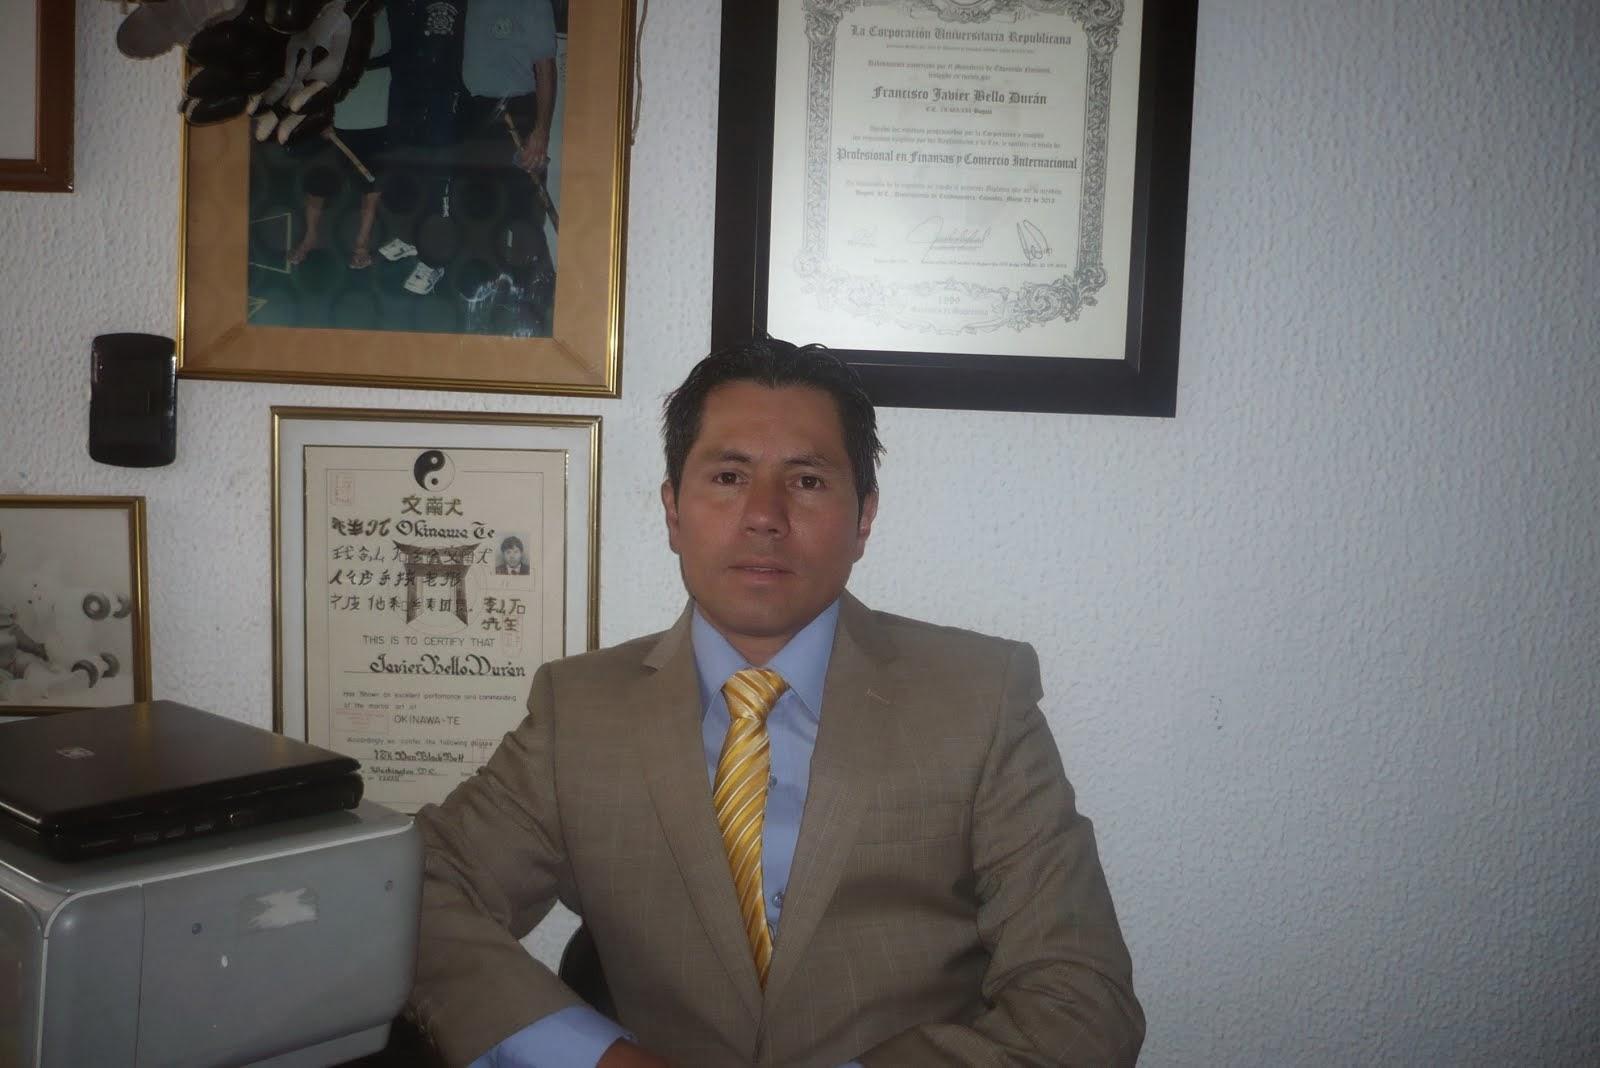 Javier Bello Durán